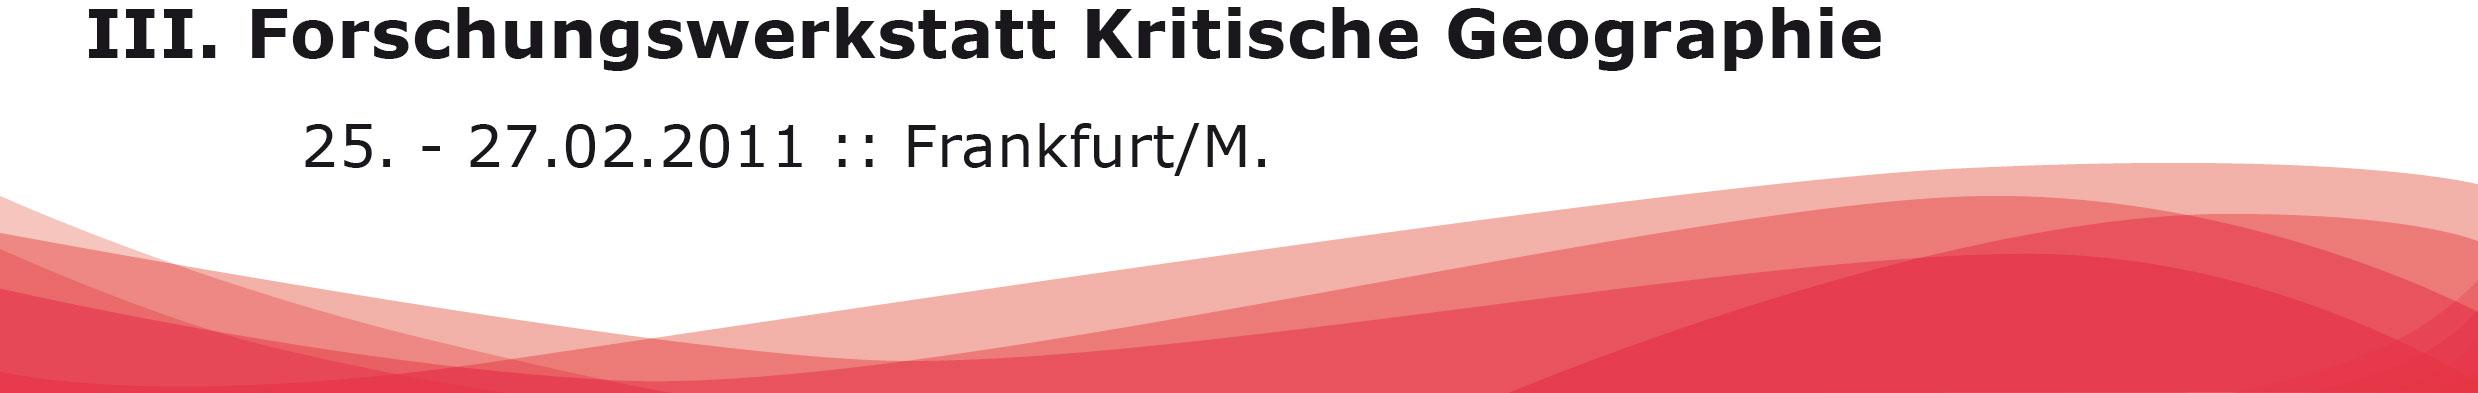 forschungswerkstatt_2011